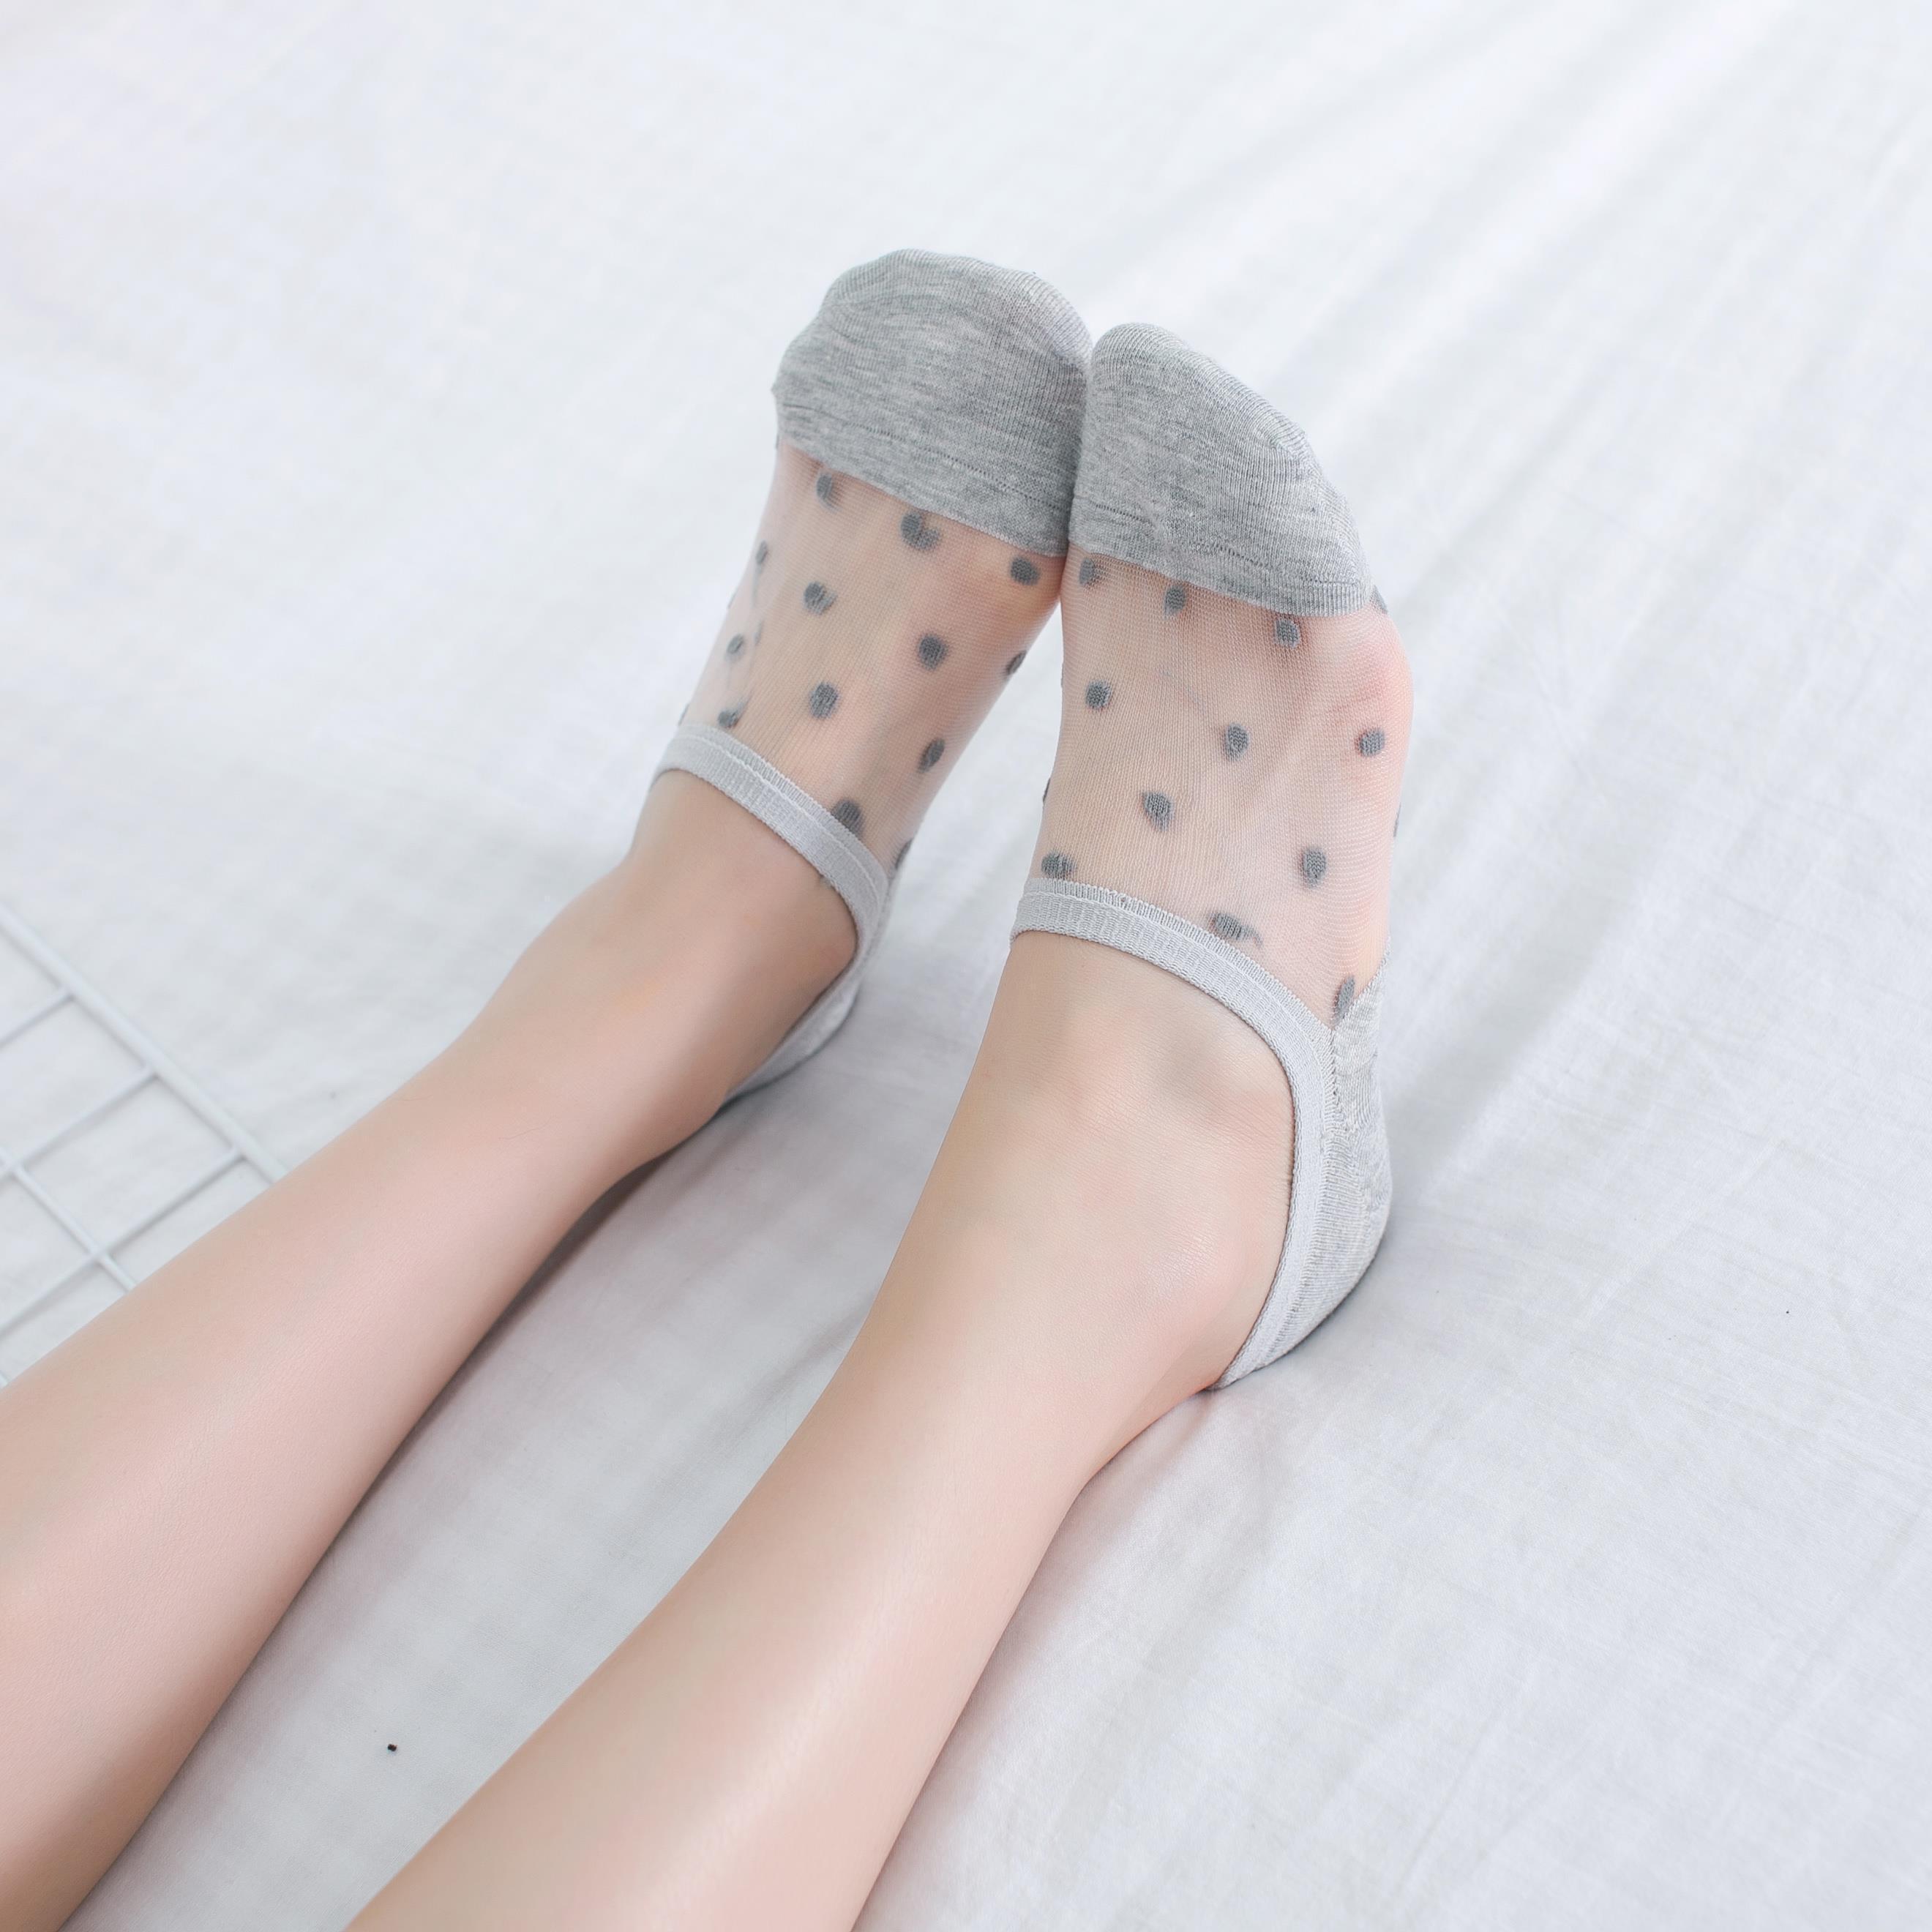 【2-10双】袜子女韩版短袜船袜隐形袜夏季薄款不勾丝不掉跟女袜子